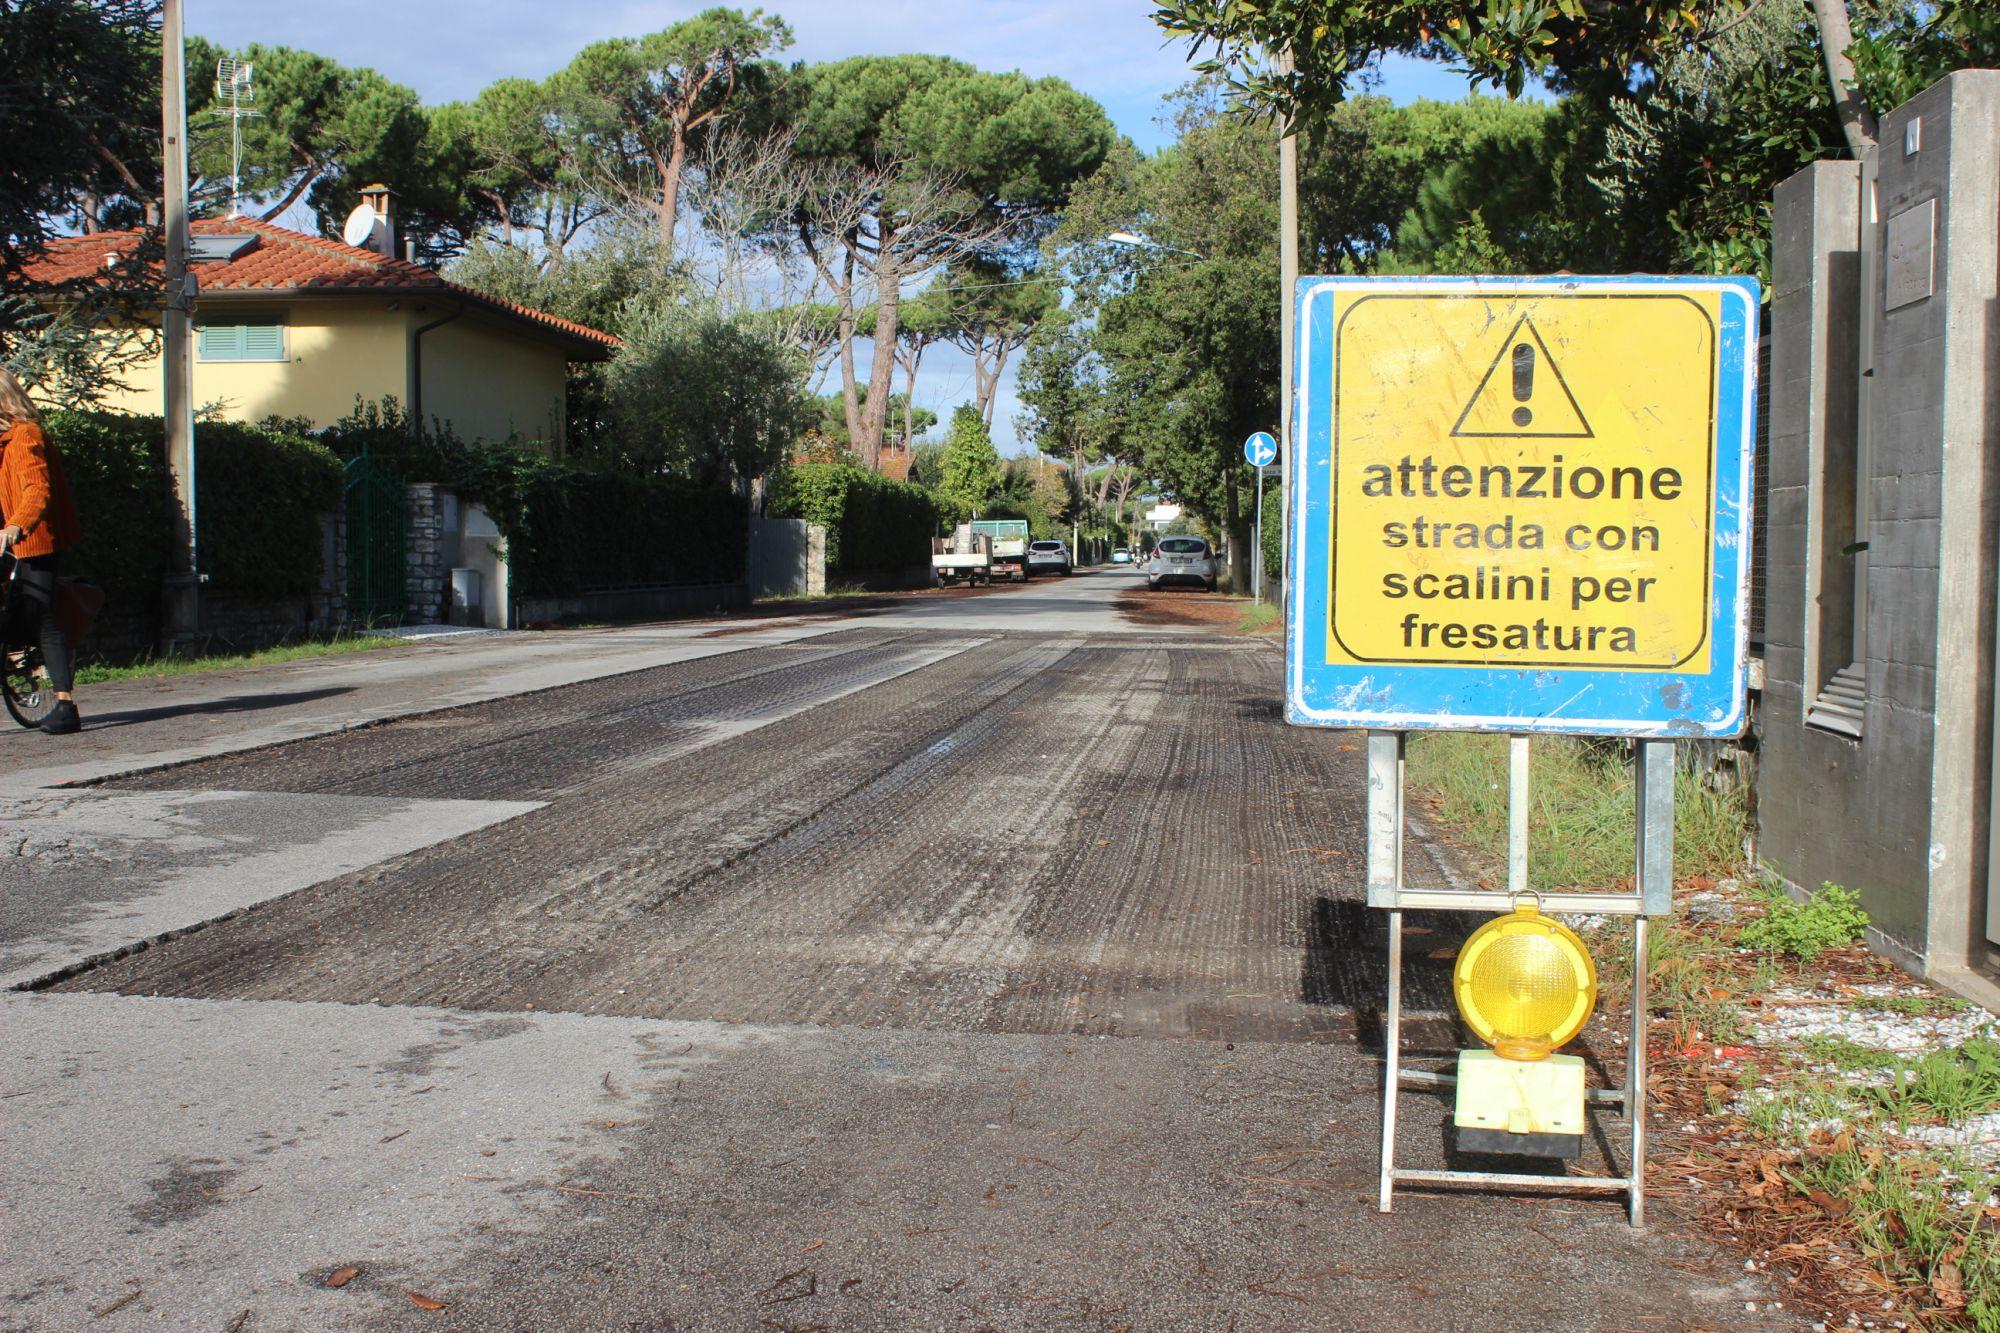 Viabilità: 3,5 km di nuovo manto stradale tra Marina e Capriglia, 72 micro-cantieri in città